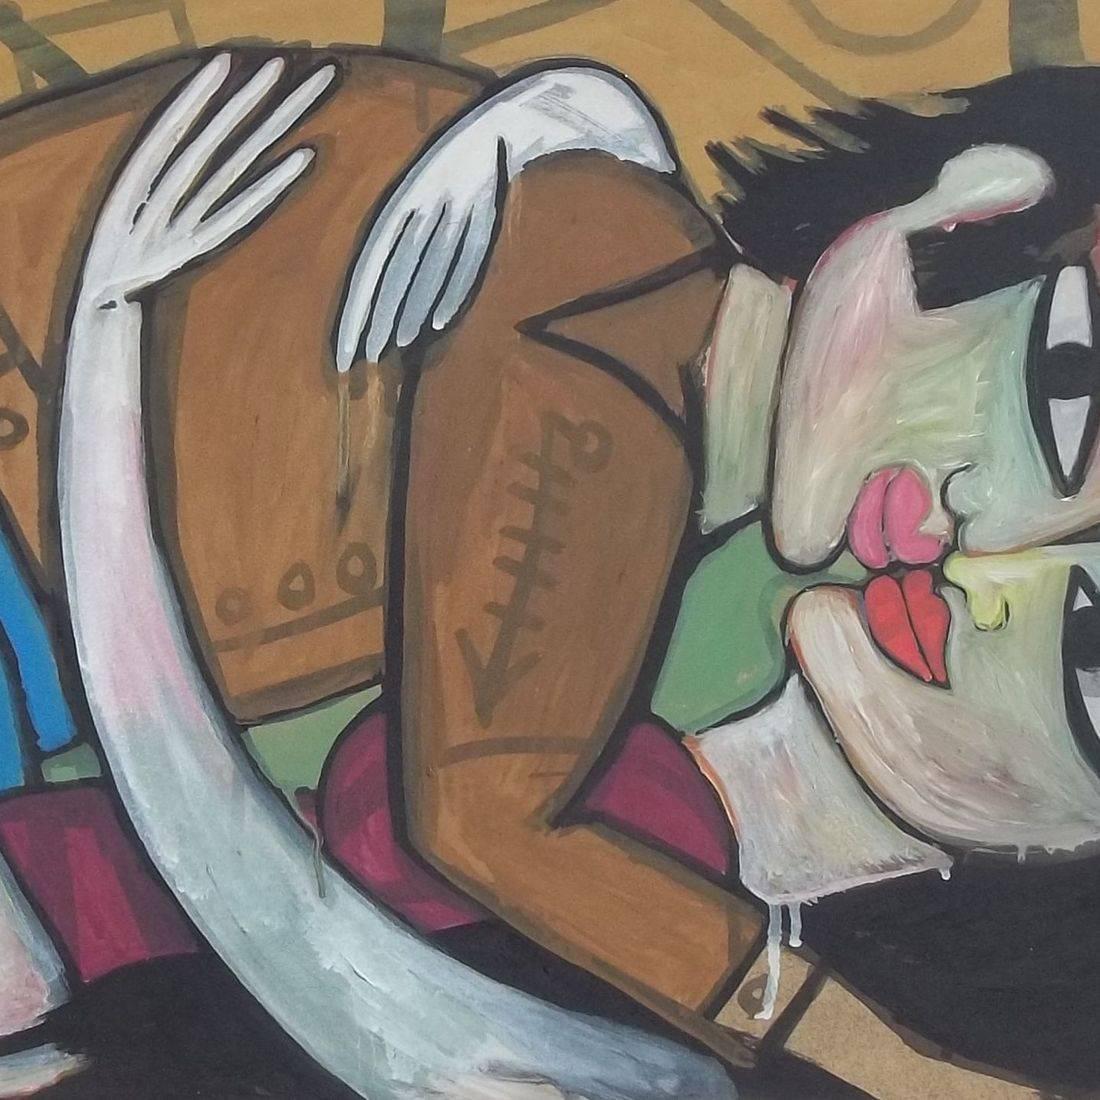 Love, Wreckage, Pop Culture, Pop Art, Contemporary Art